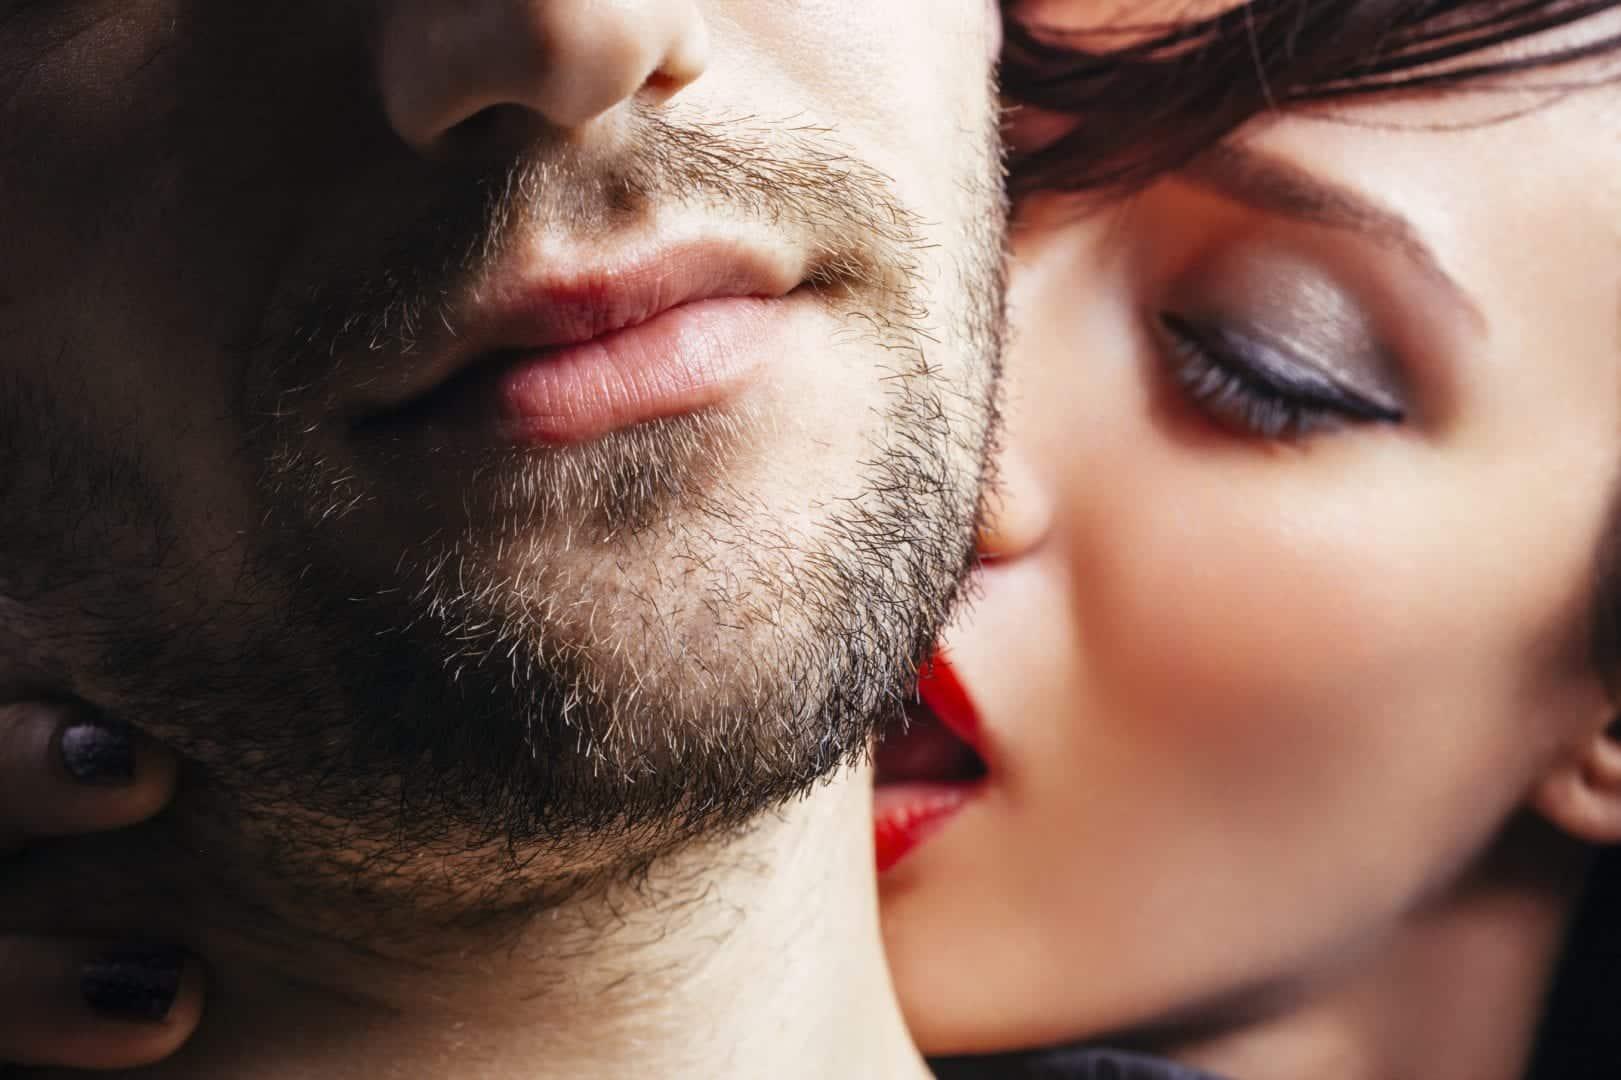 Como deixar um homem louco na cama, conheça 8 dicas infalíveis